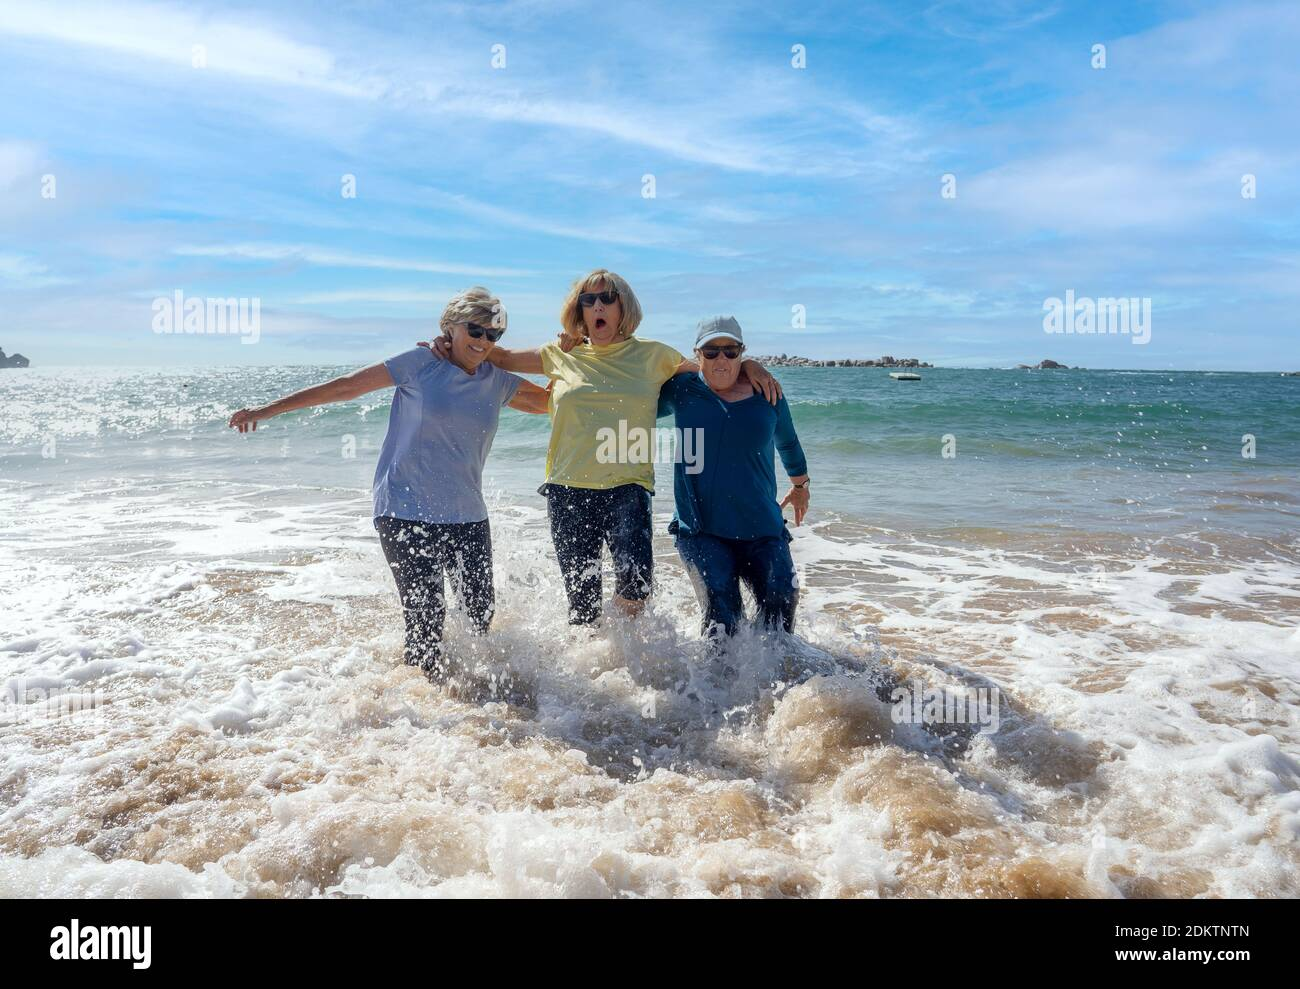 Gruppo di donne anziane in pensione sui loro anni '60 e '70 cadendo in acqua divertirsi sulla spiaggia. Le Signore più anziane ridono mentre cadono giù perdendo balan Foto Stock